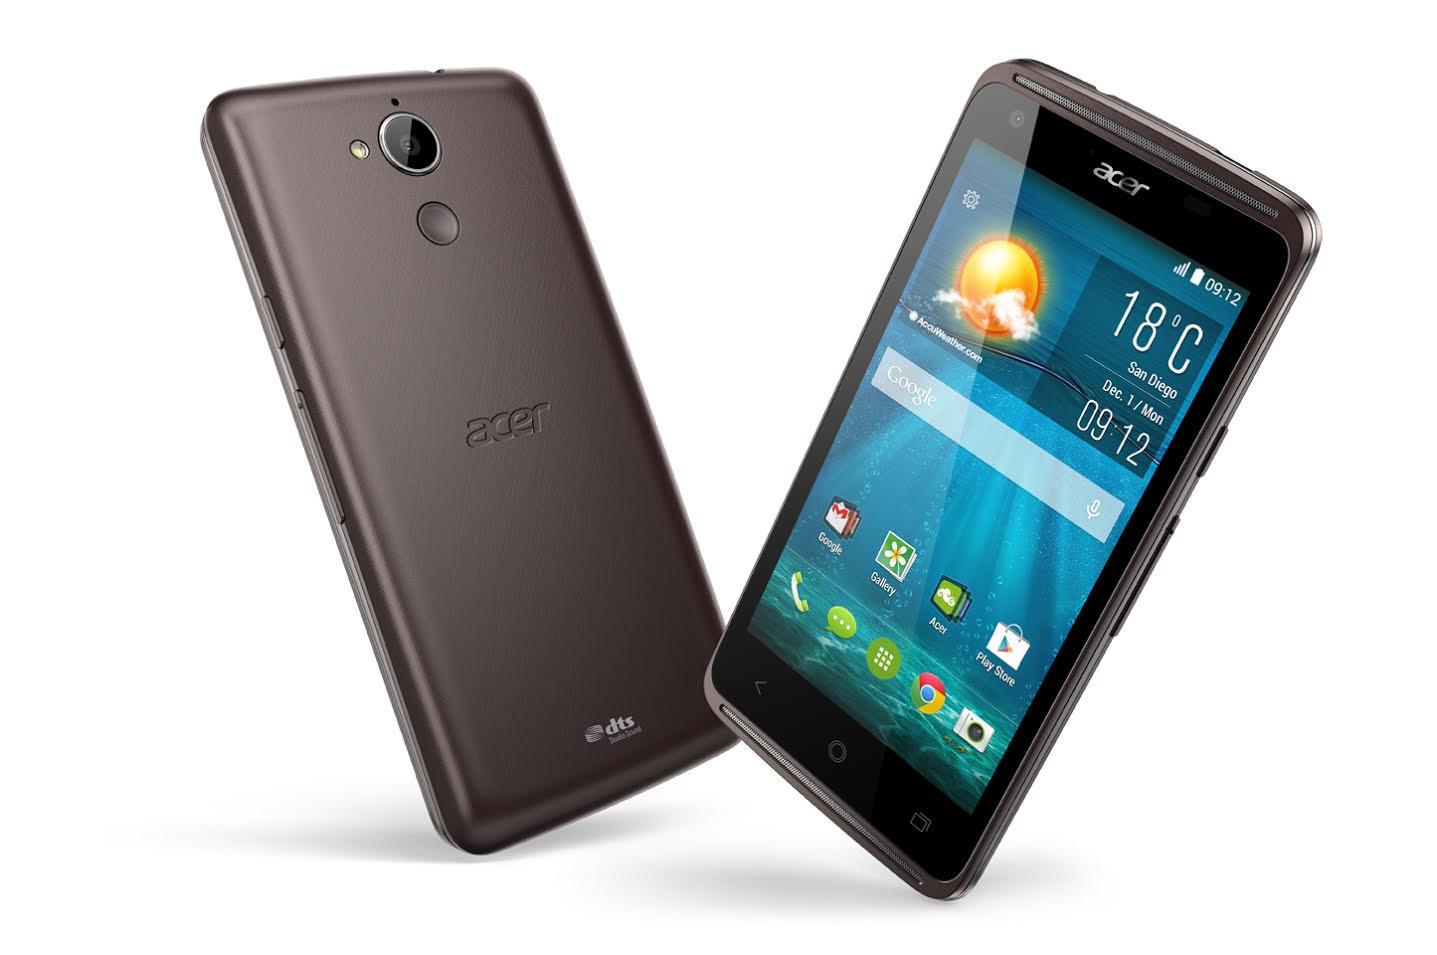 是Acer 推出主打高音質新機 Liquid Z410 ,強調支援 4G 全頻與台幣 4 千有找這篇文章的首圖